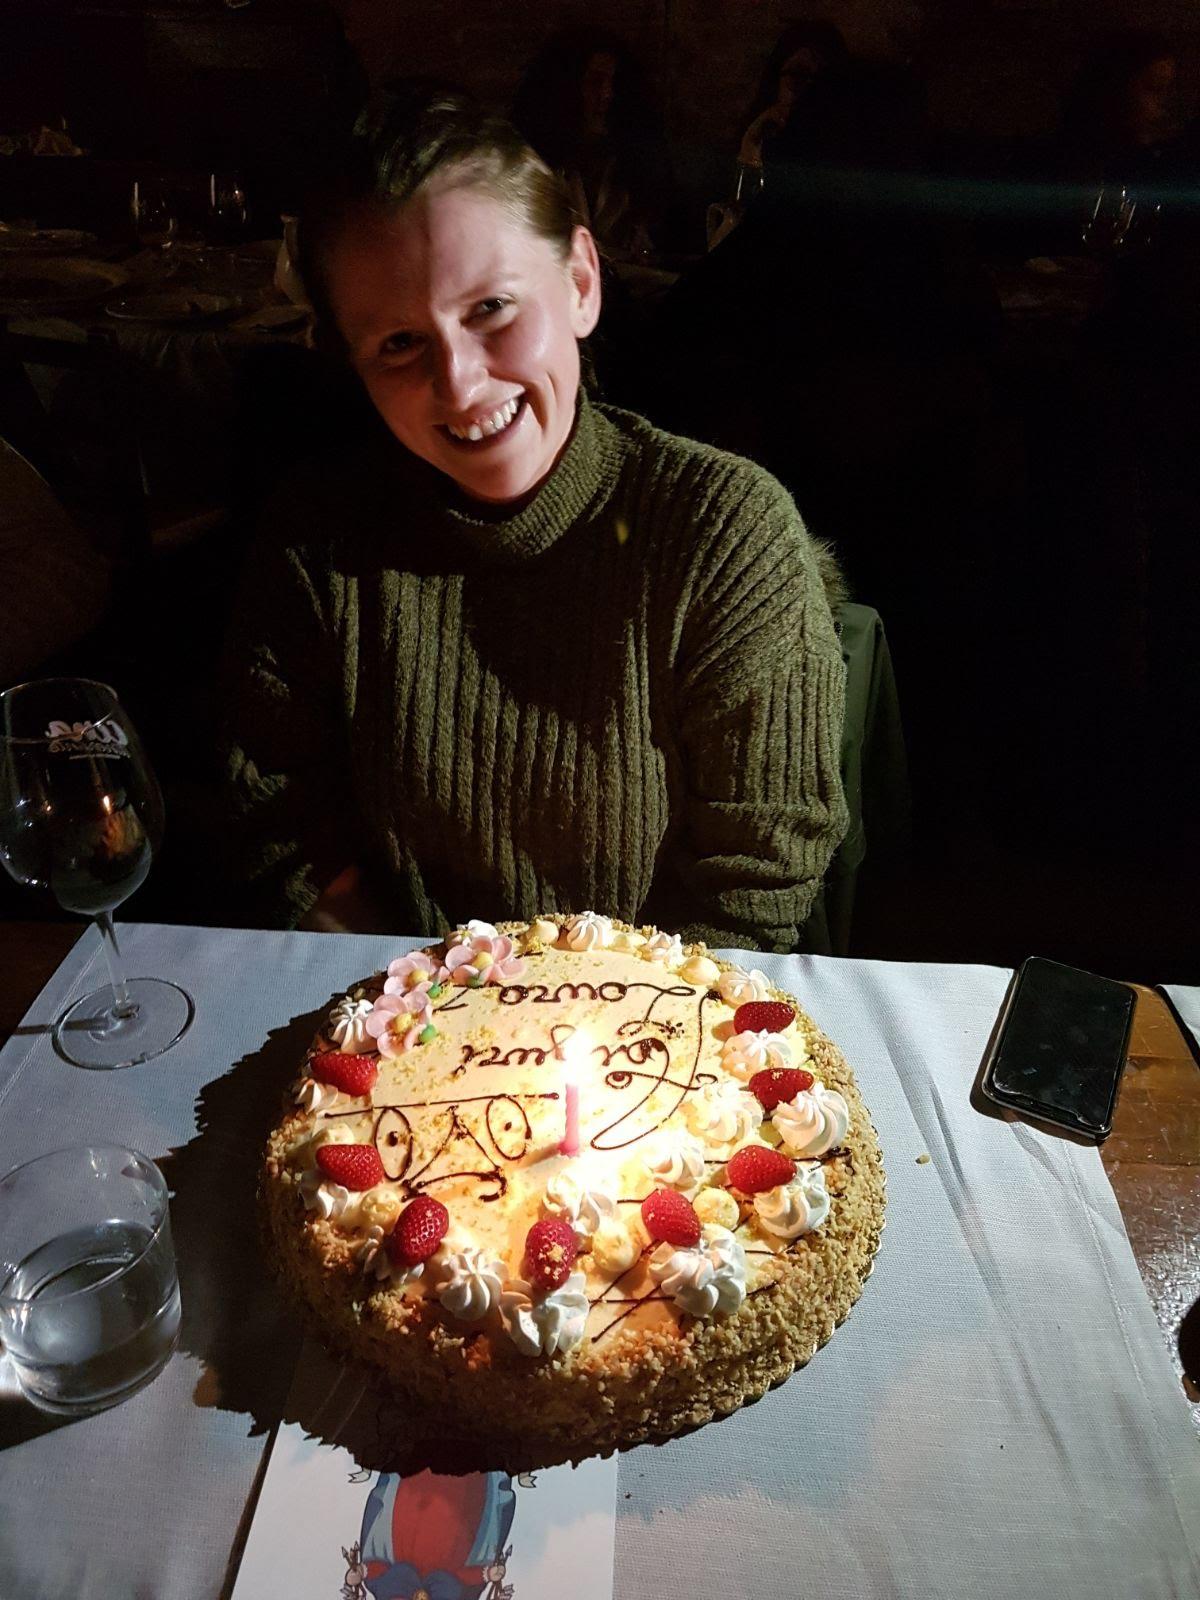 Laura's Gluten Free cake